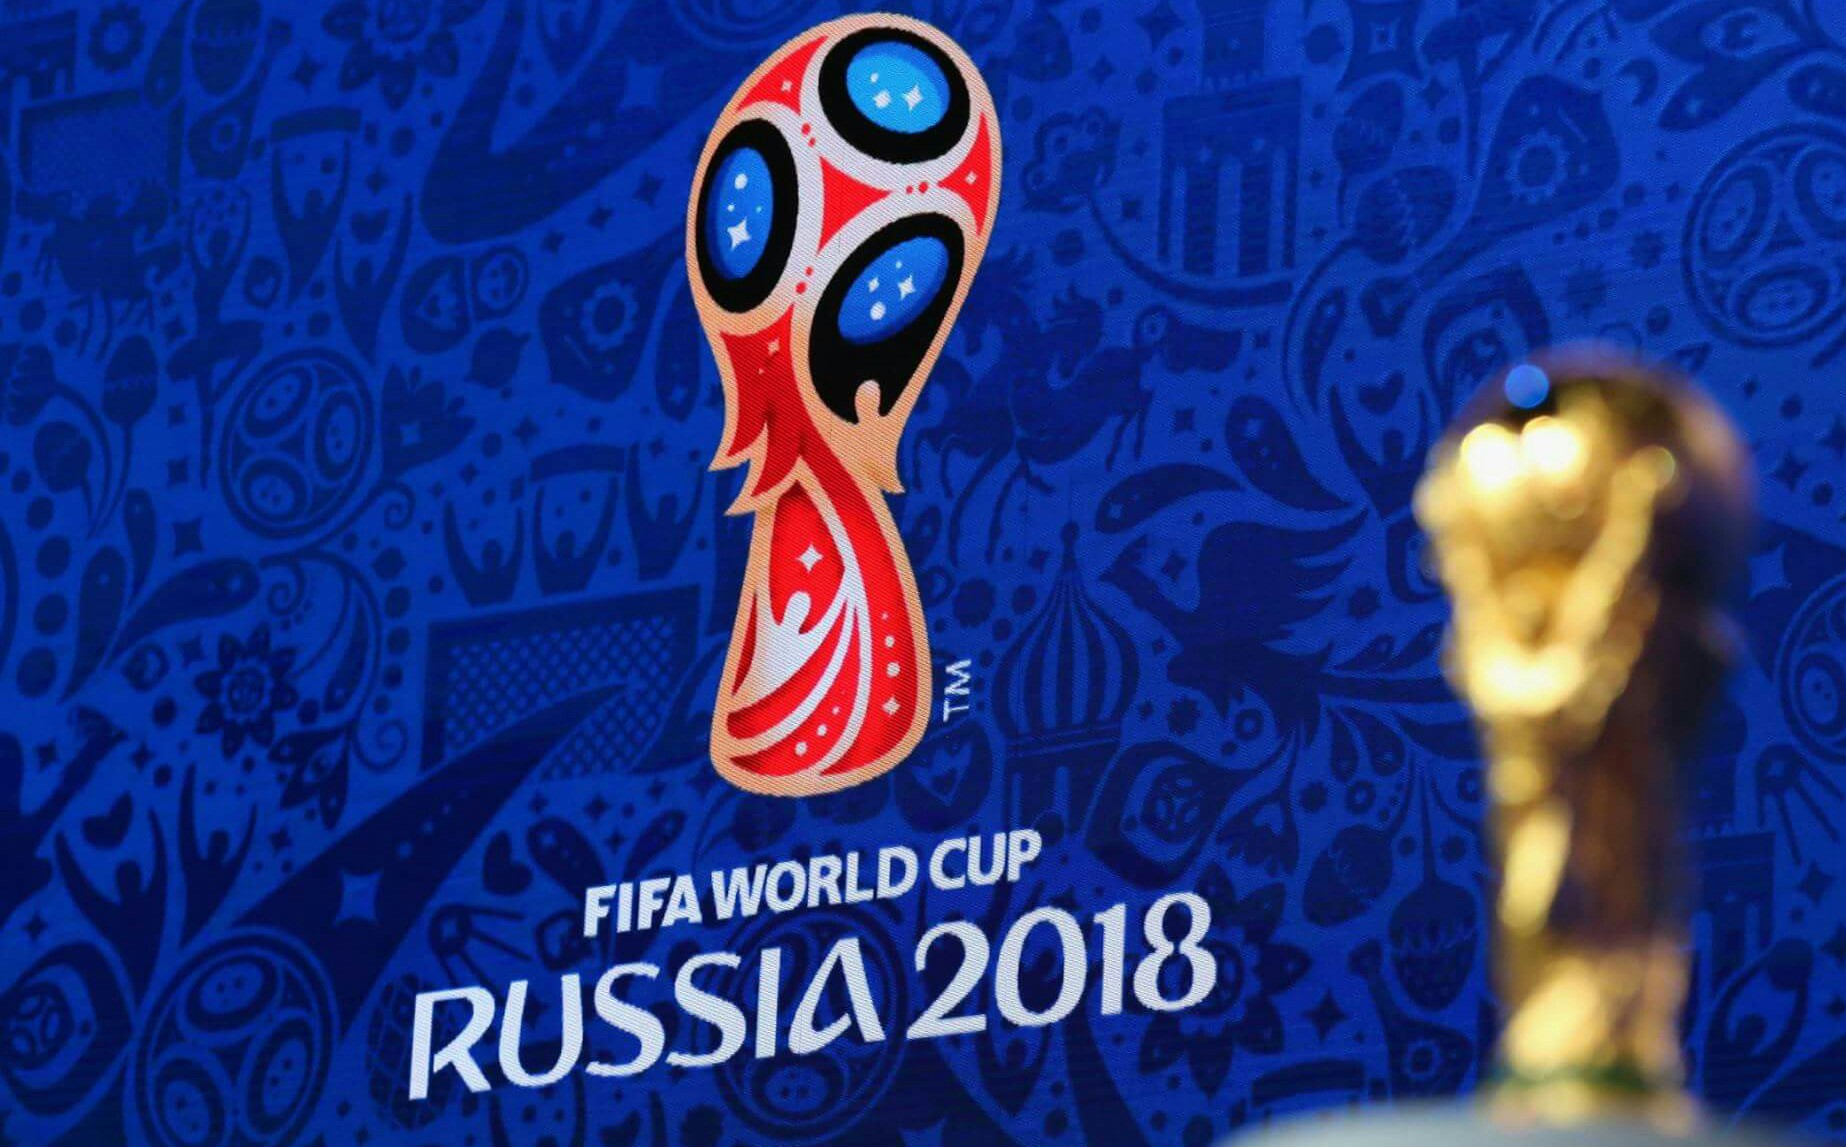 Состав групп чемпионата мира 2018: кто с кем играет?